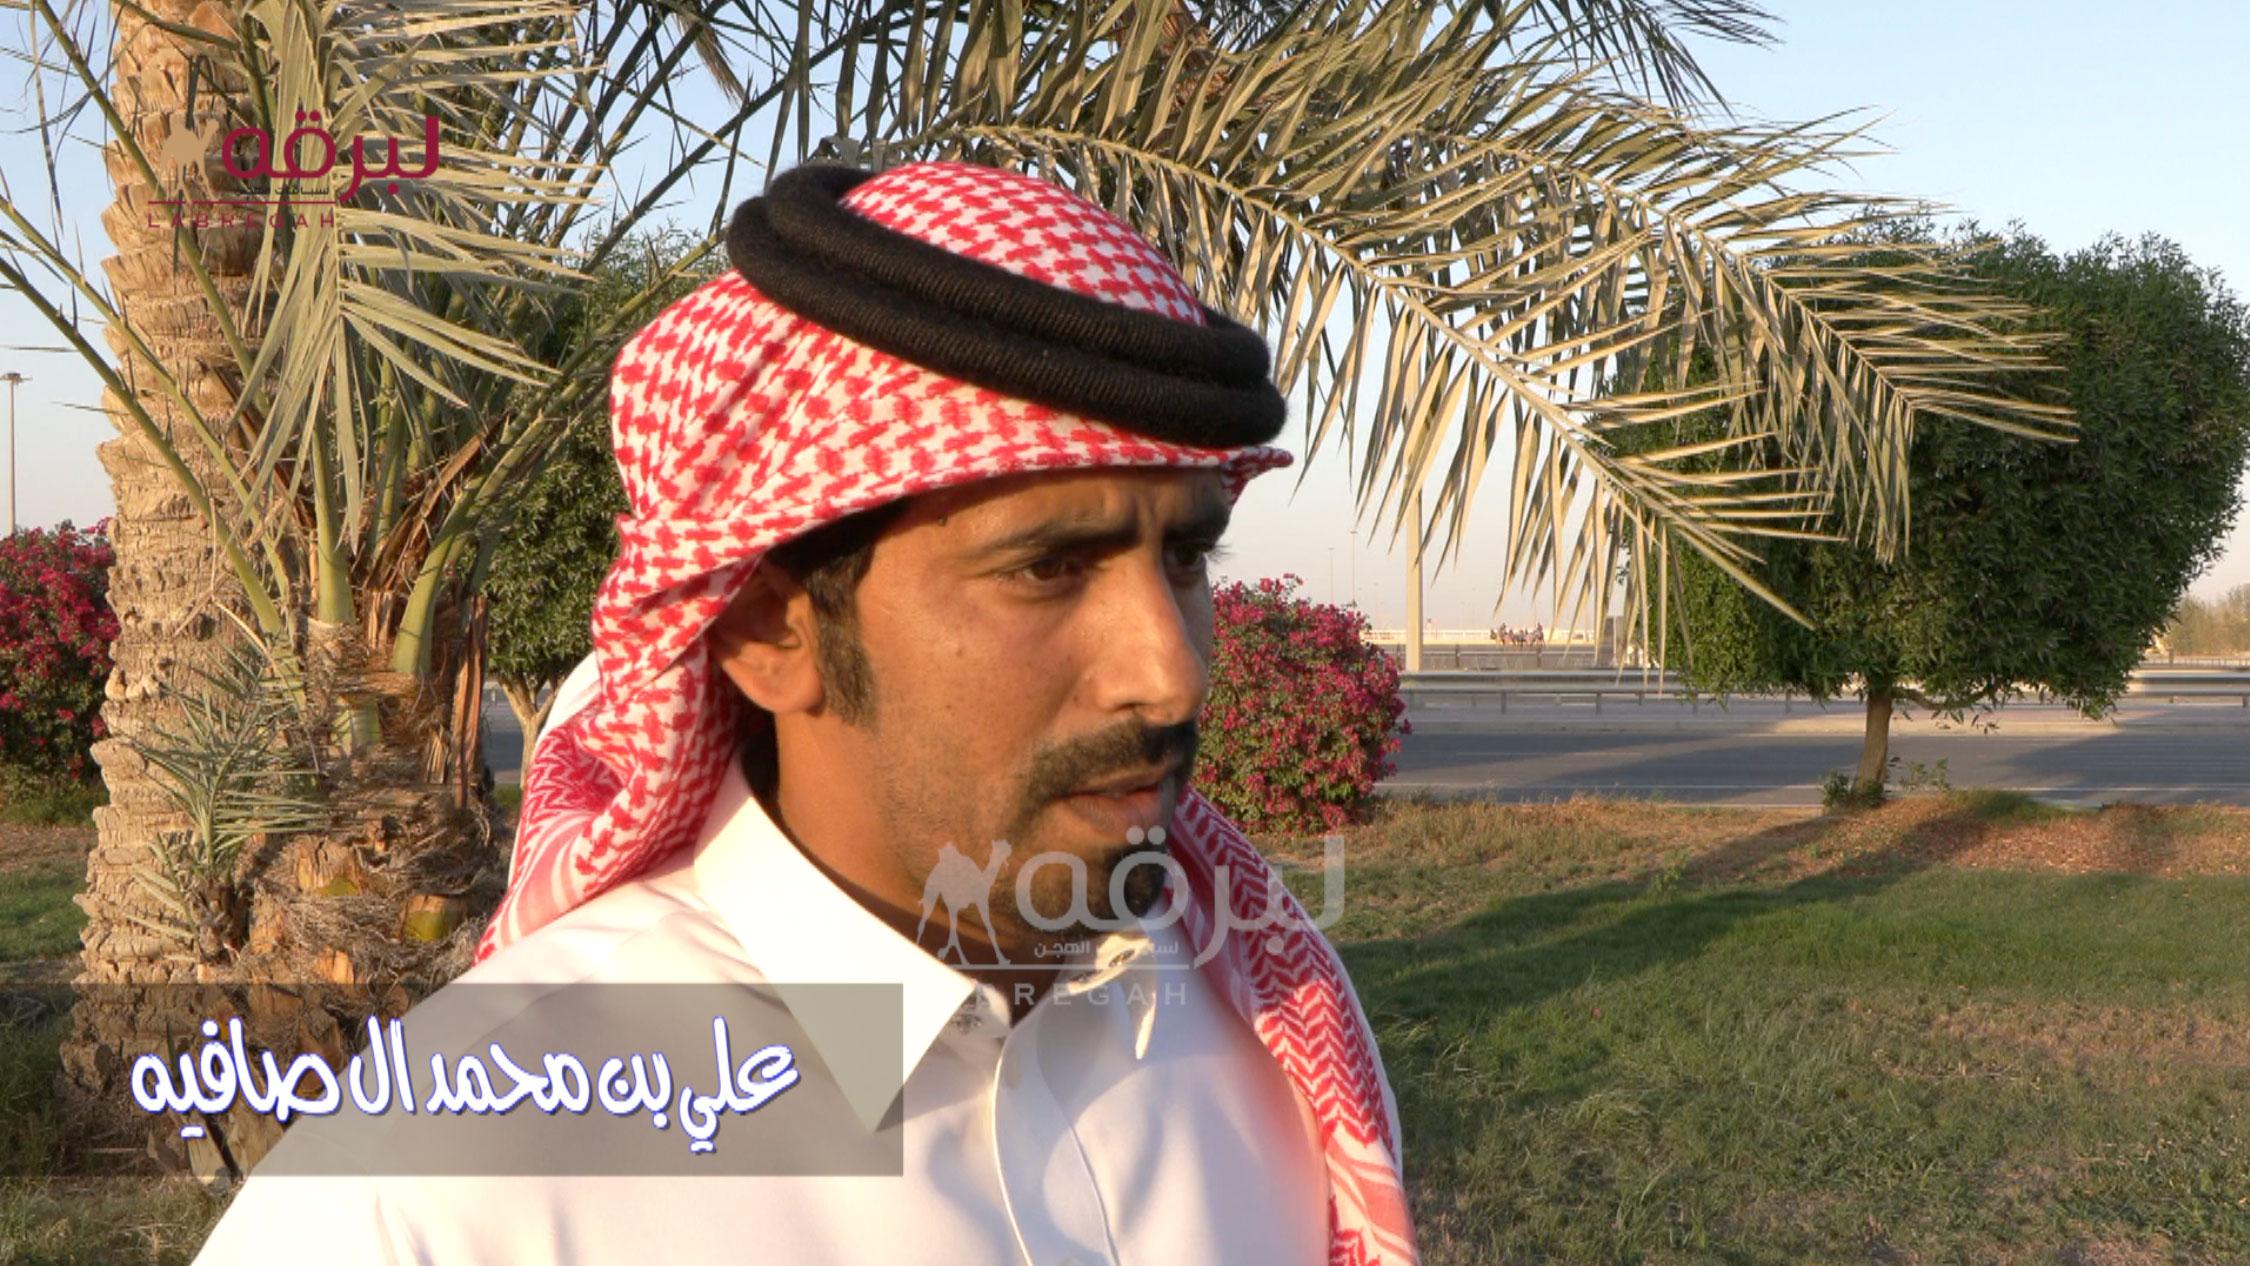 لقاء مع علي بن محمد ال صافيه.. الشوط الرئيسي للقايا بكار (مفتوح) الأشواط العامة  ٢٢-١٠-٢٠٢١